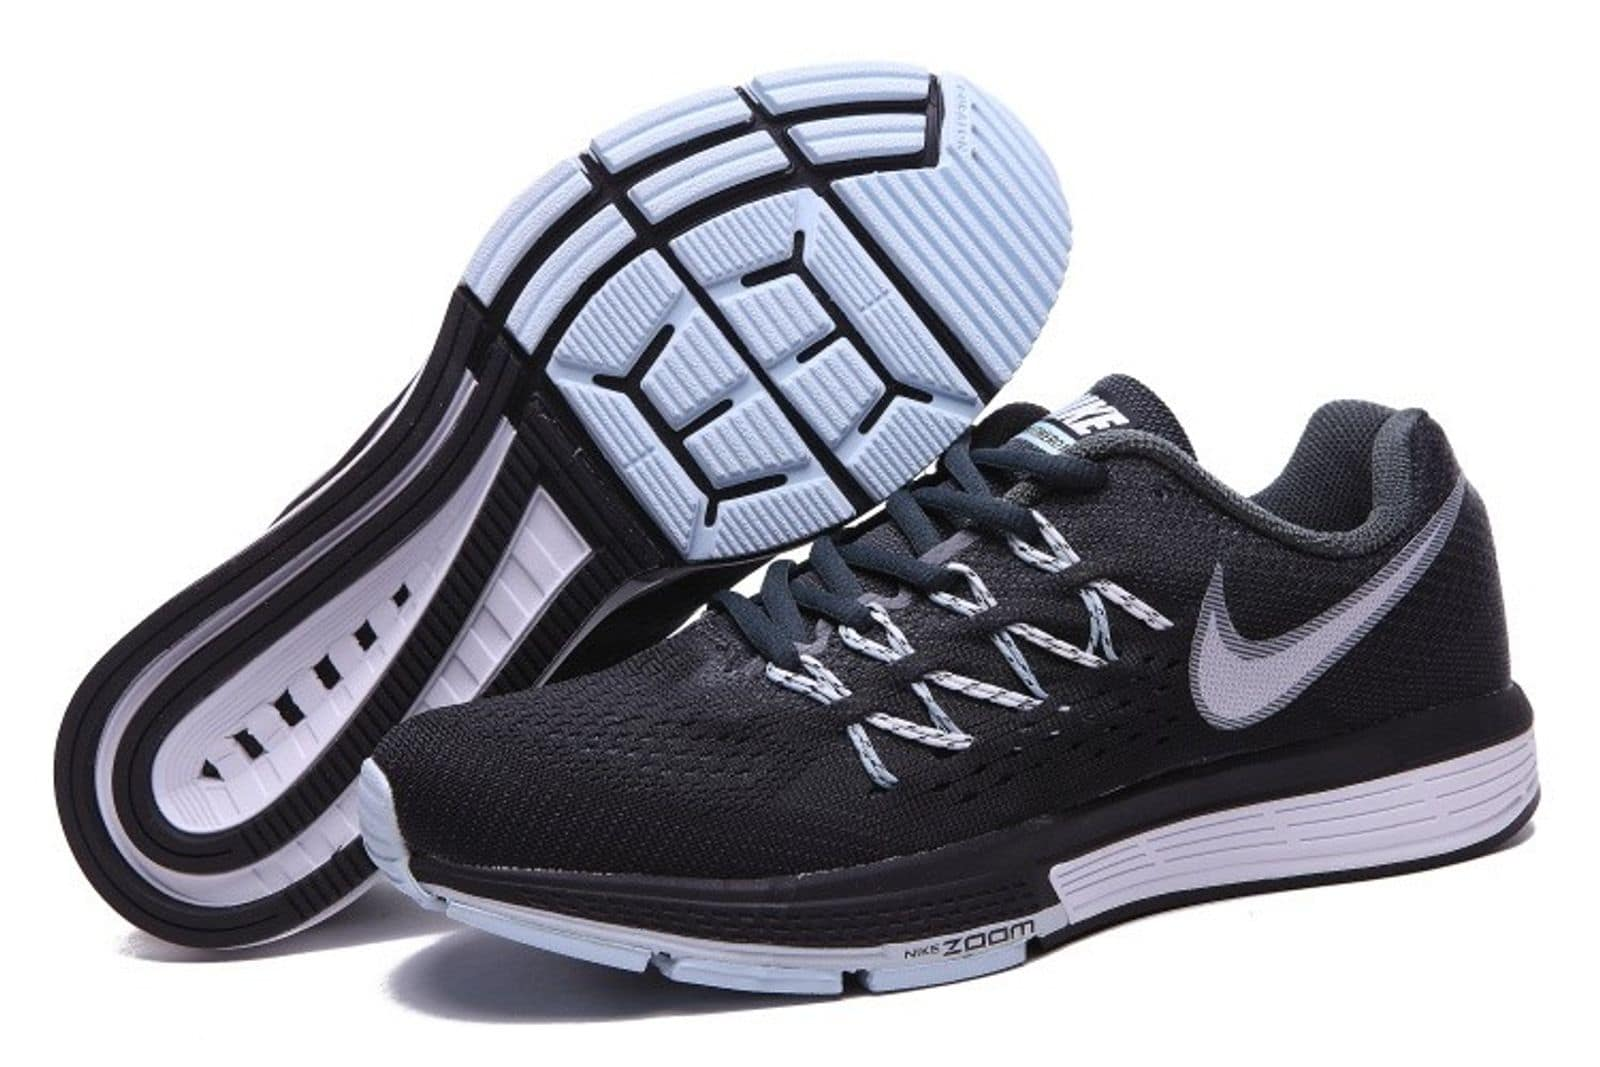 66e3d2c9d1655 Nike Air Zoom Vomero 10